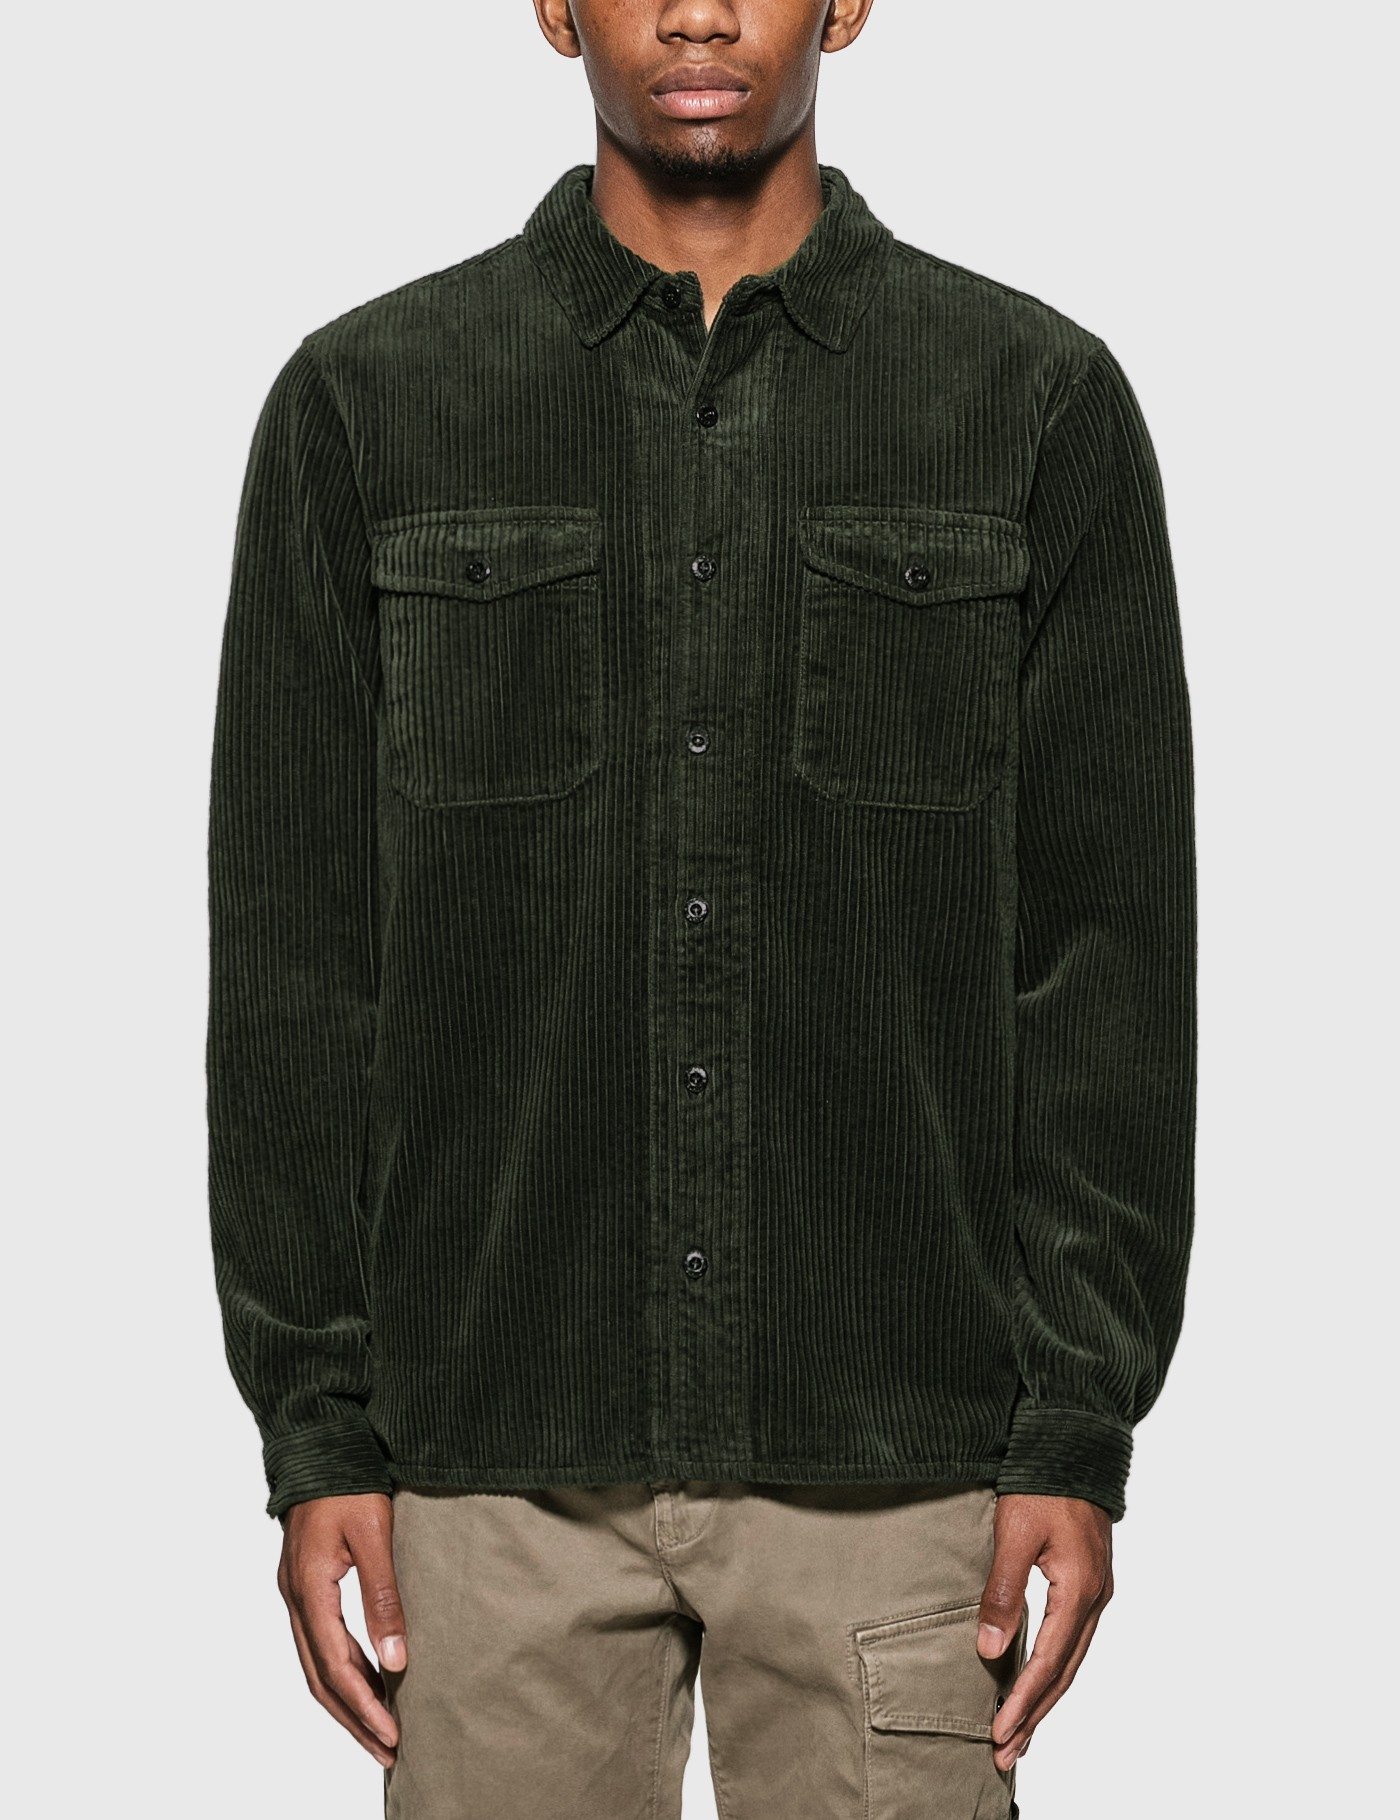 Cordurory Overshirt